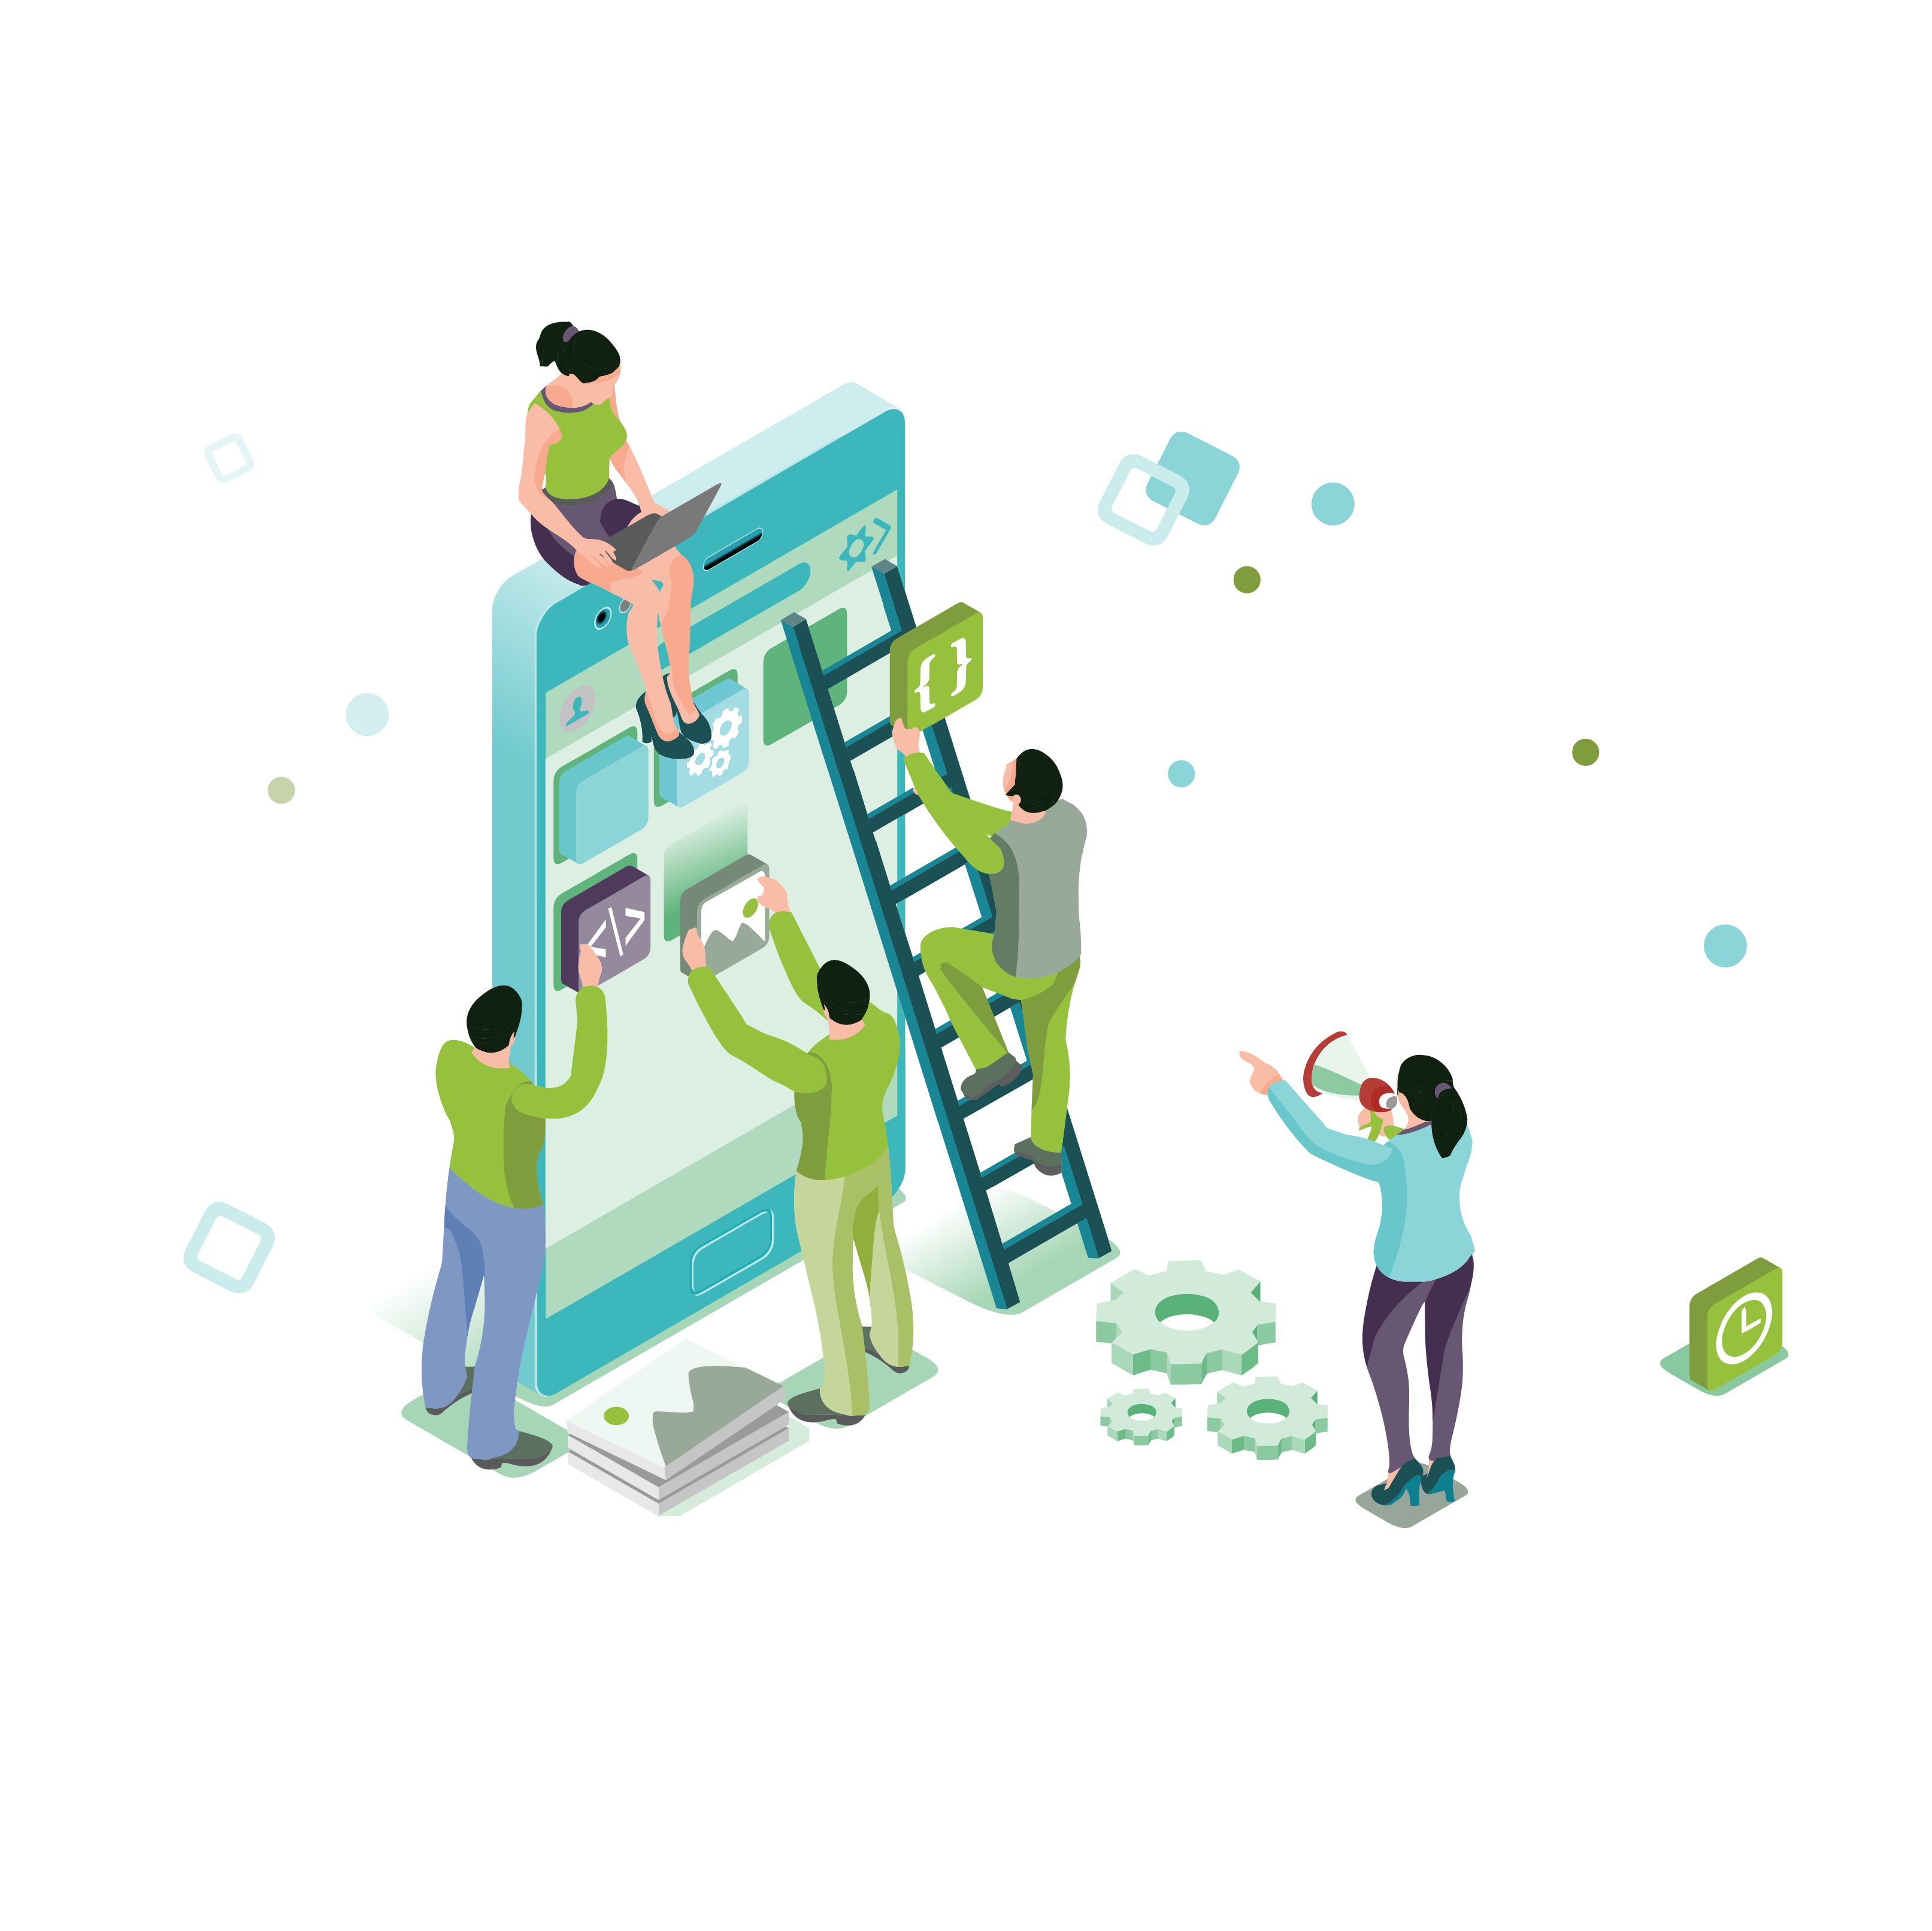 egyedi szoftverfejlesztés